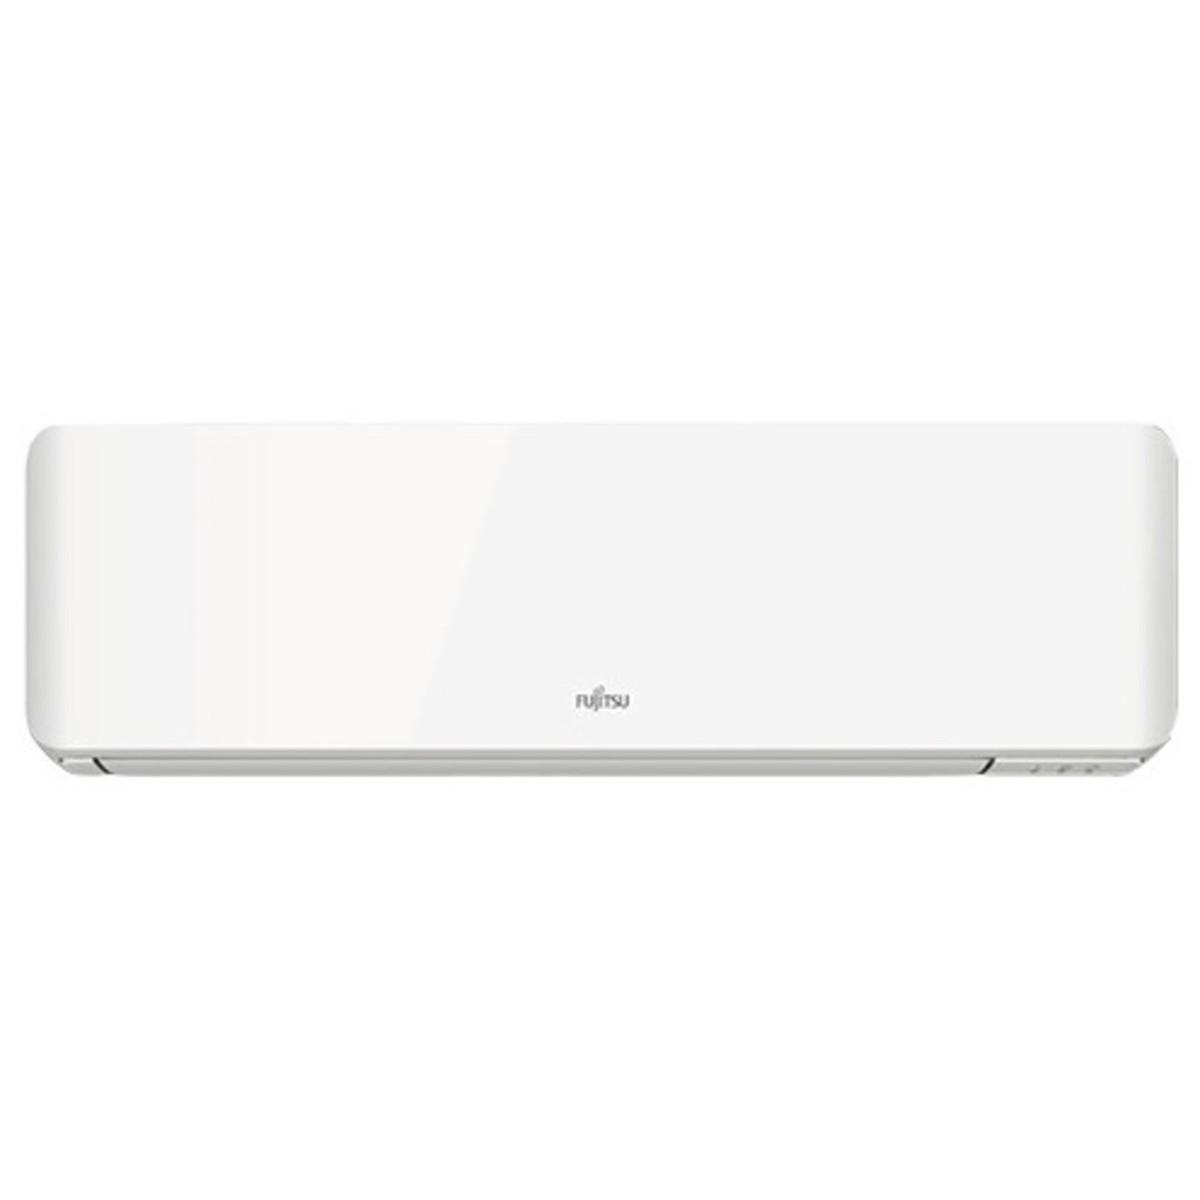 Fujitsu inverter klima uređaj ASYG12KMTA - Inelektronik